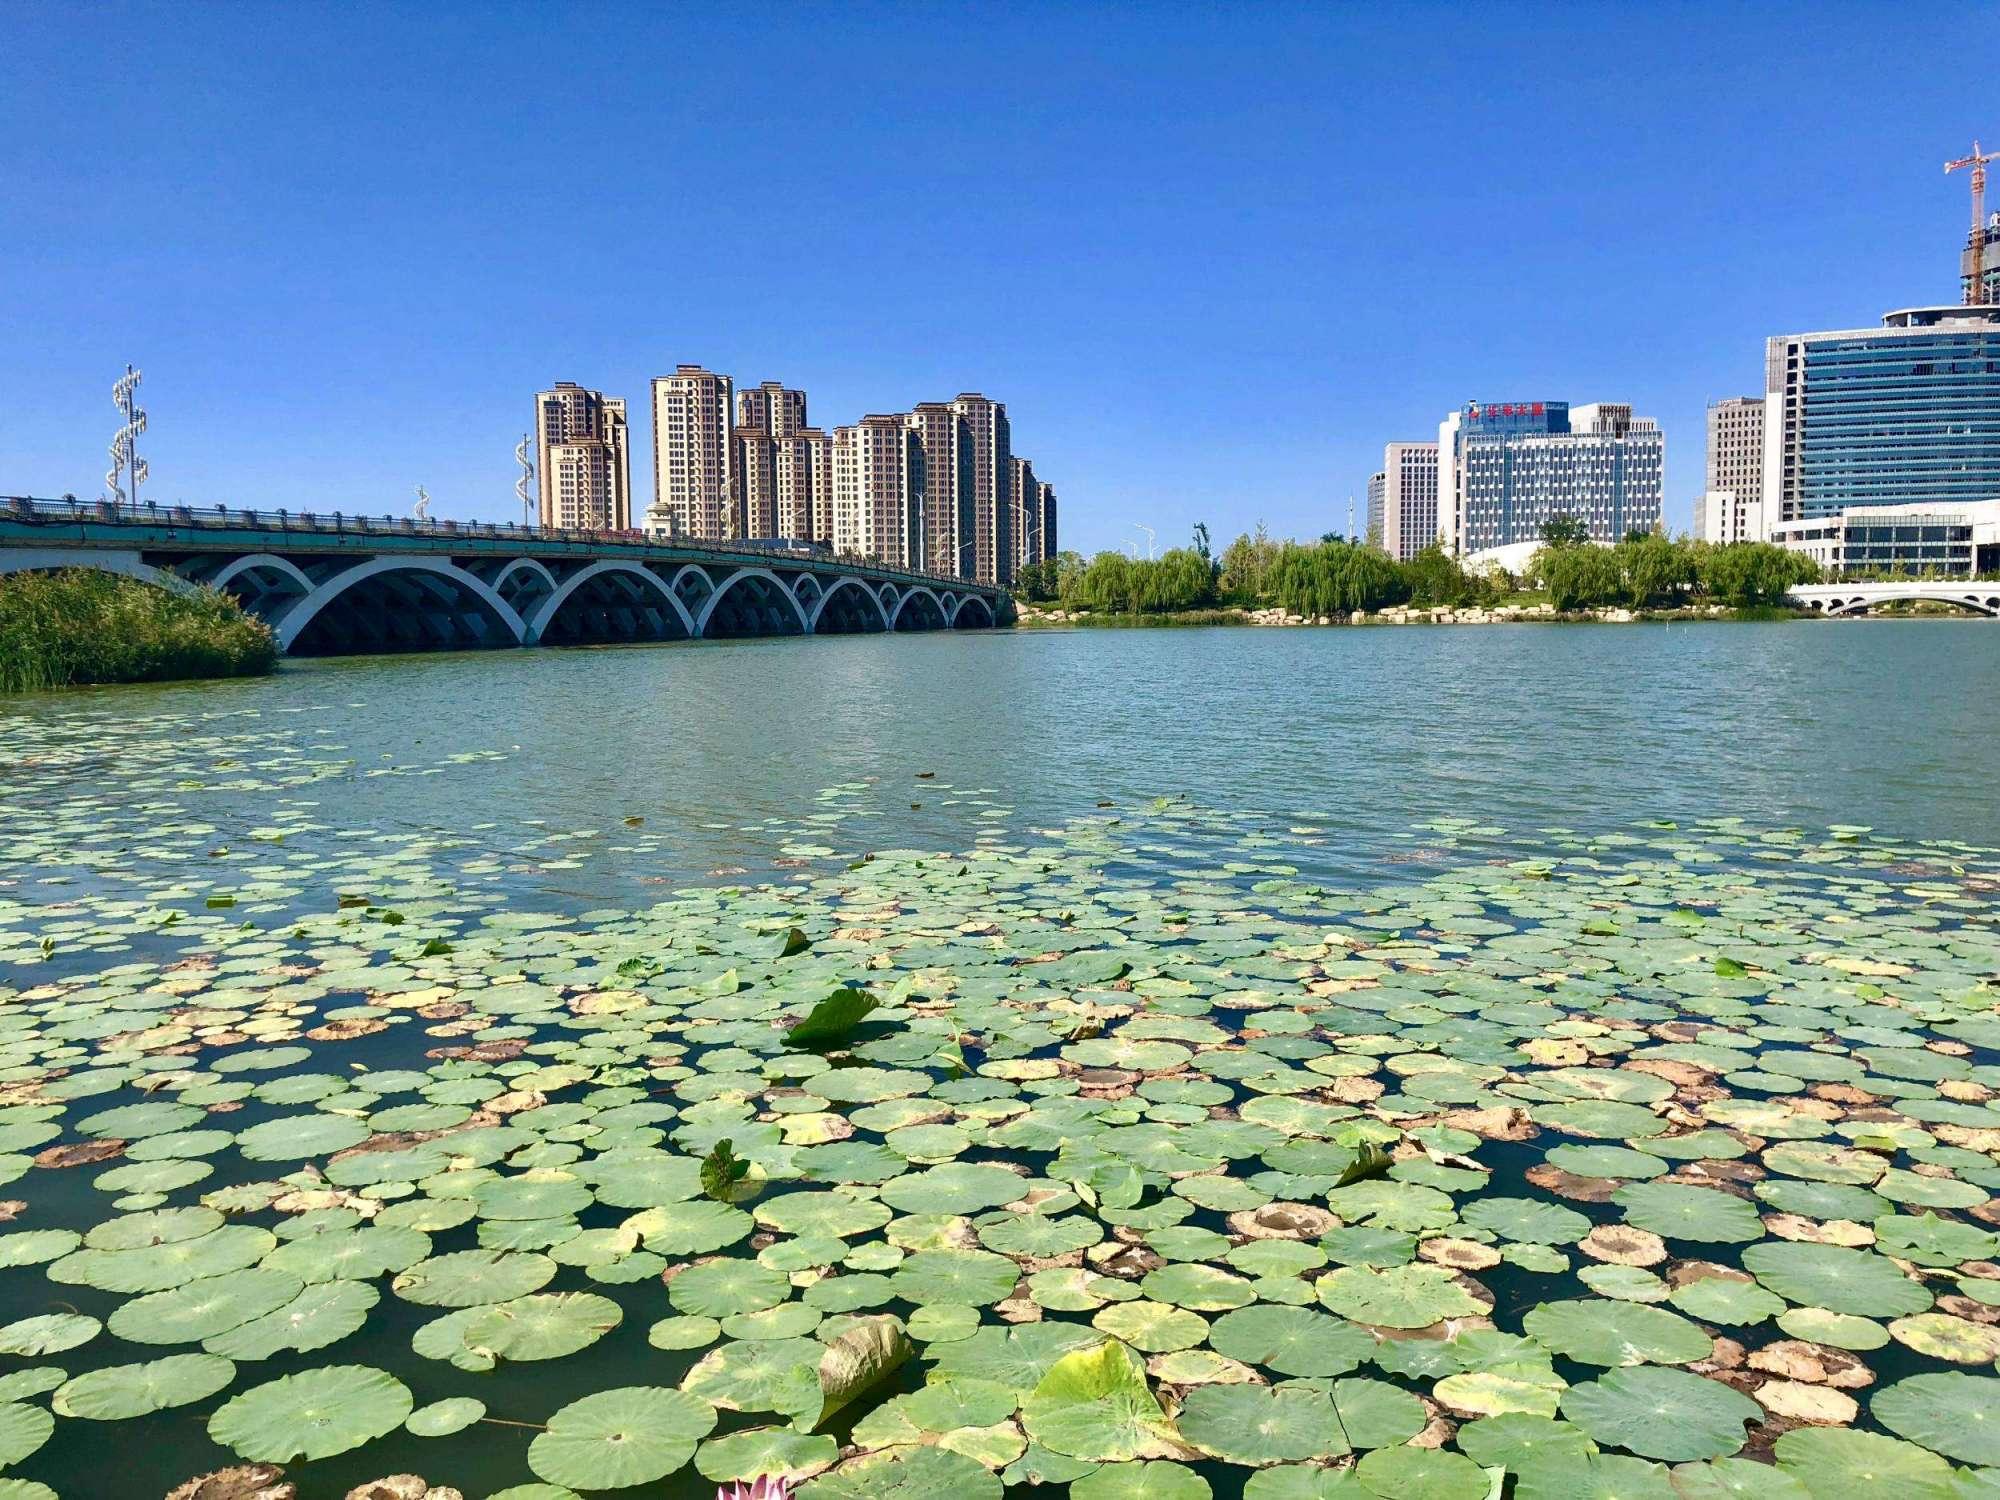 宁夏仅次于银川的城市,生产总值只有银川零头,凉皮却闻名全国